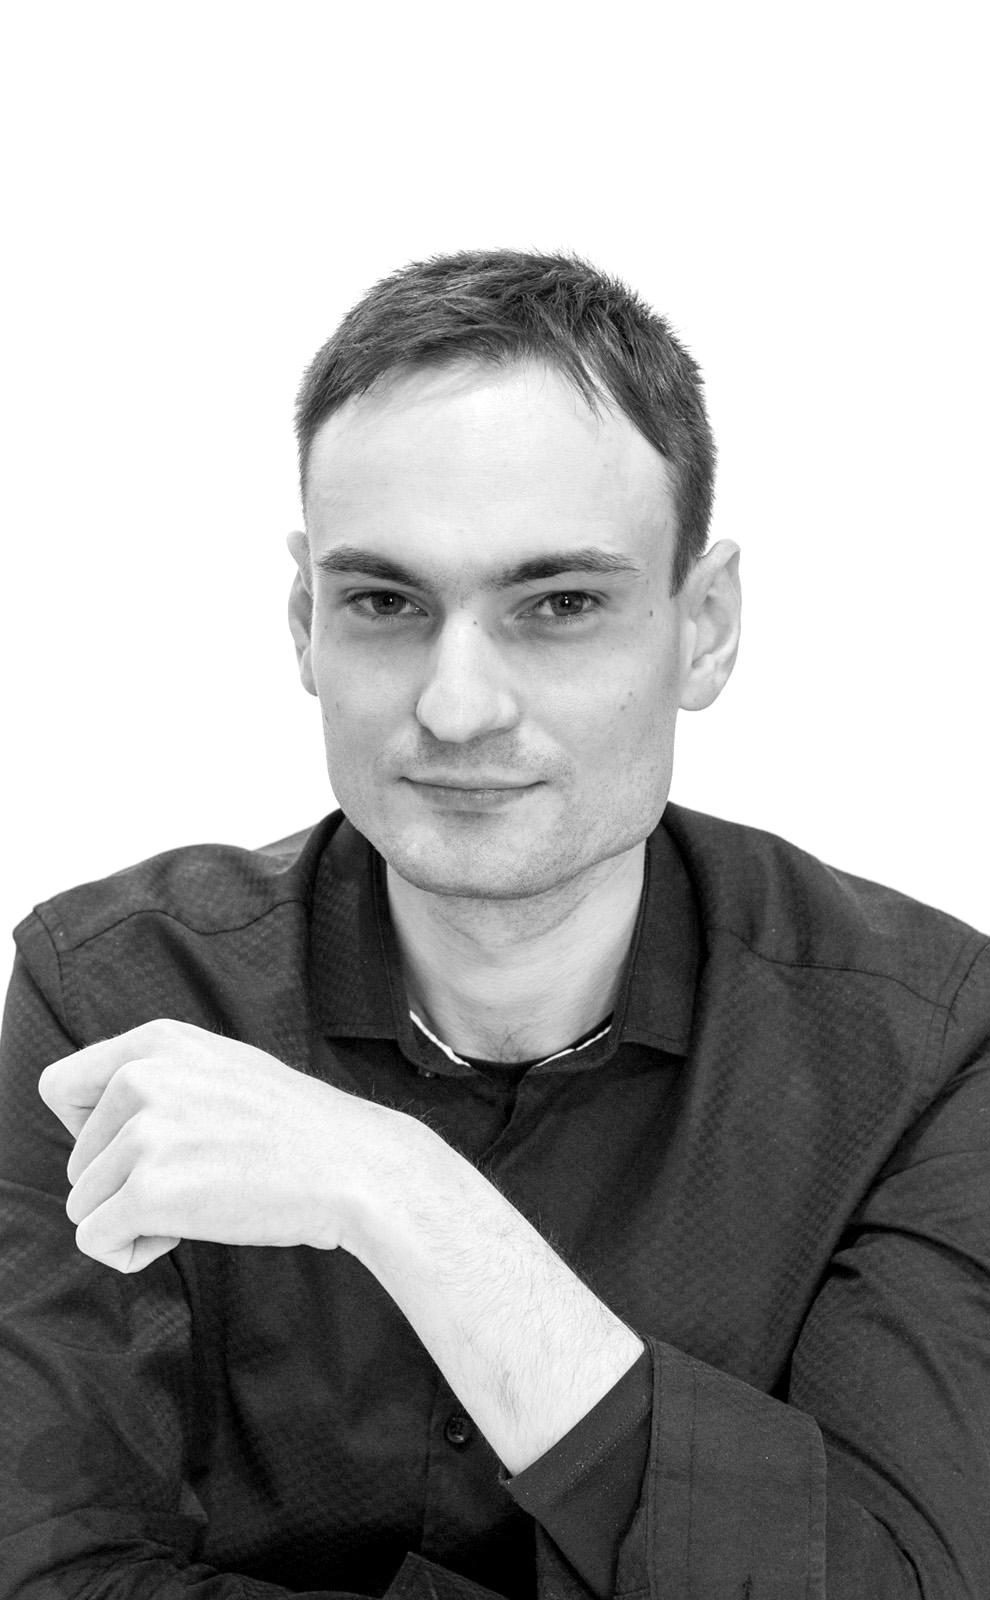 Gabriel Dumitriu